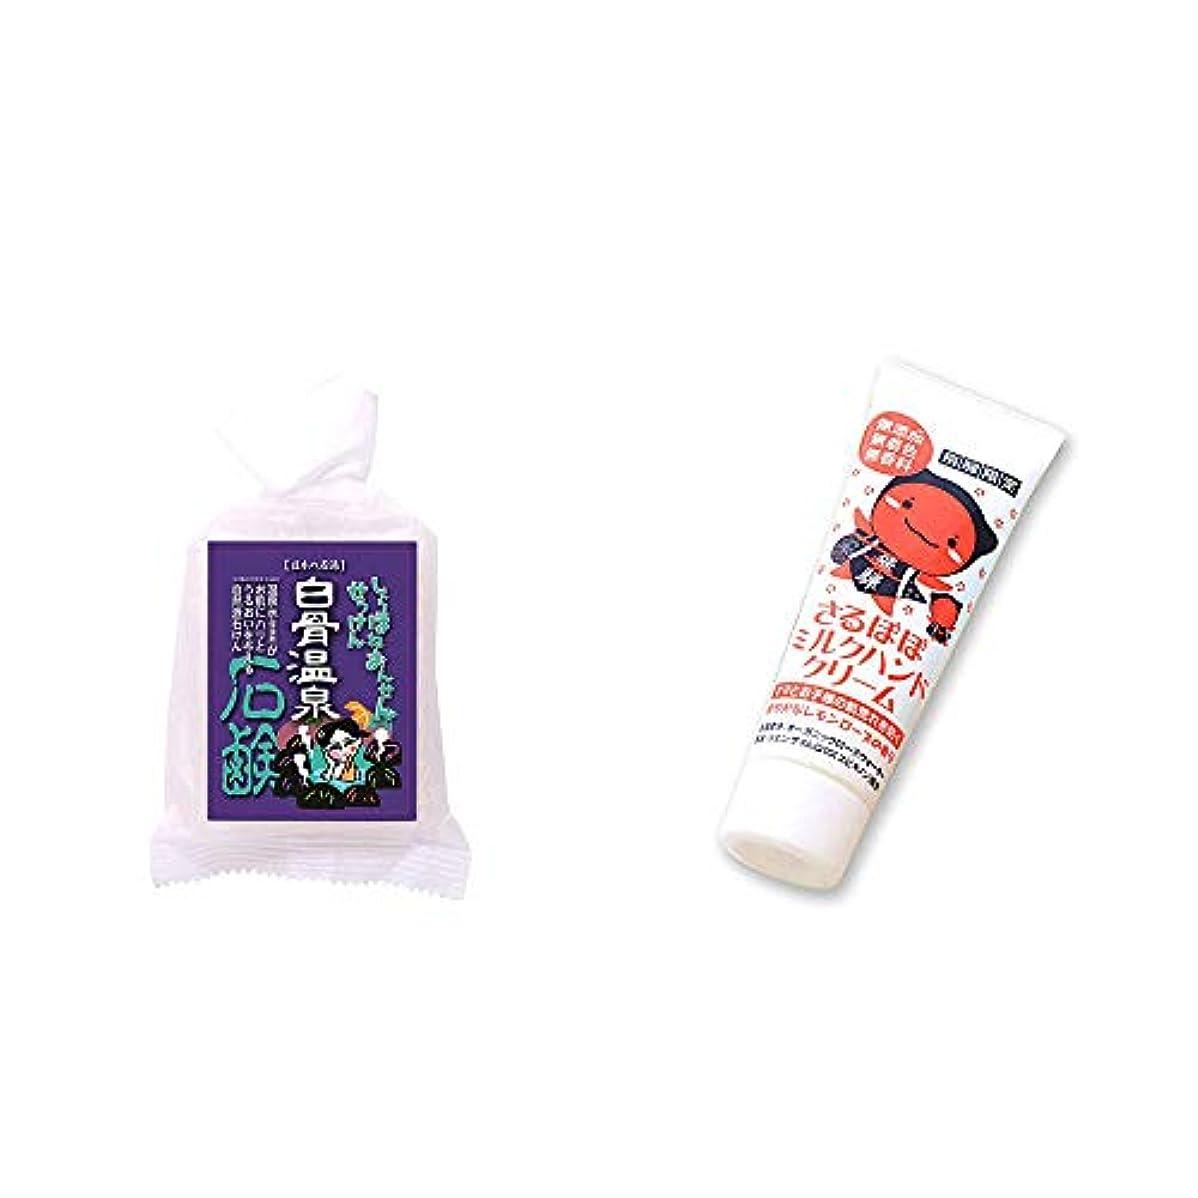 ポスト印象派マエストロ呼びかける[2点セット] 信州 白骨温泉石鹸(80g)?さるぼぼ ミルクハンドクリーム(50g)